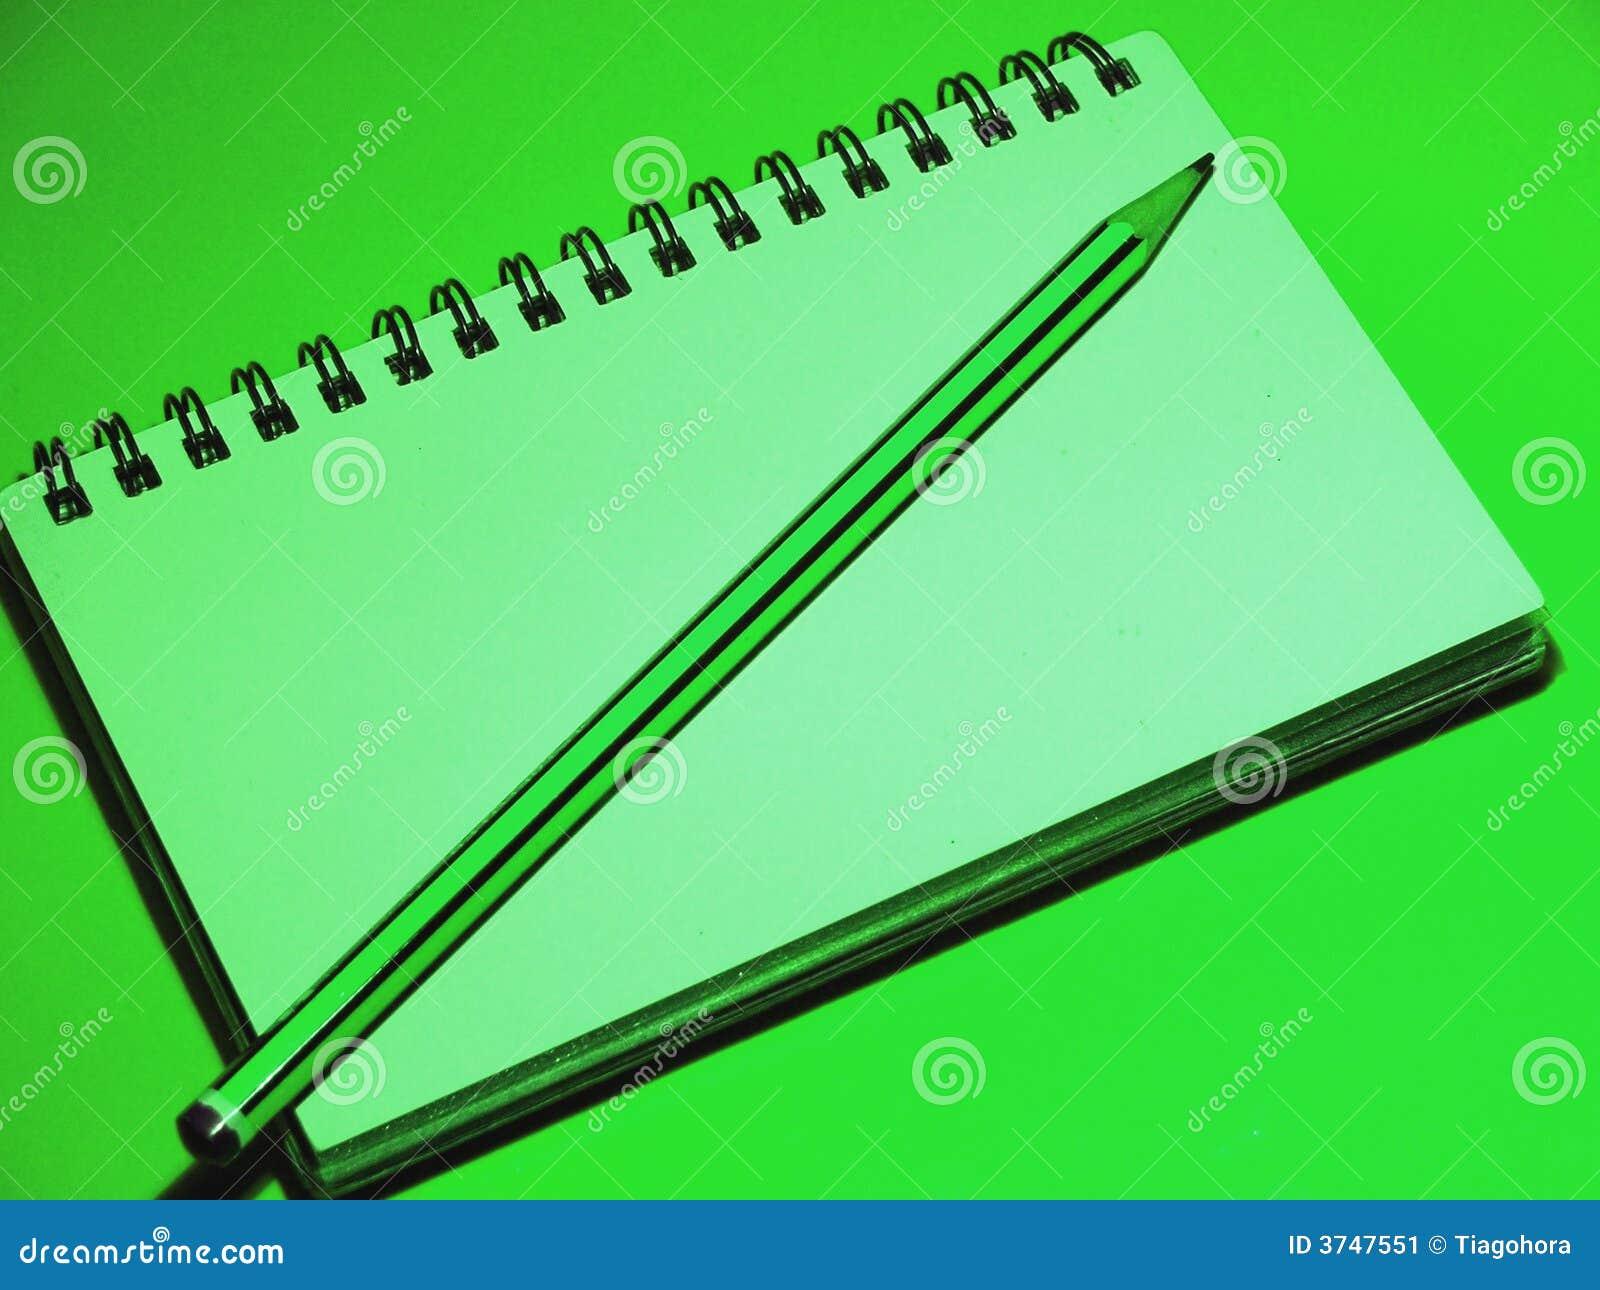 Herramientas verdes de la oficina imagen de archivo for Herramientas de oficina